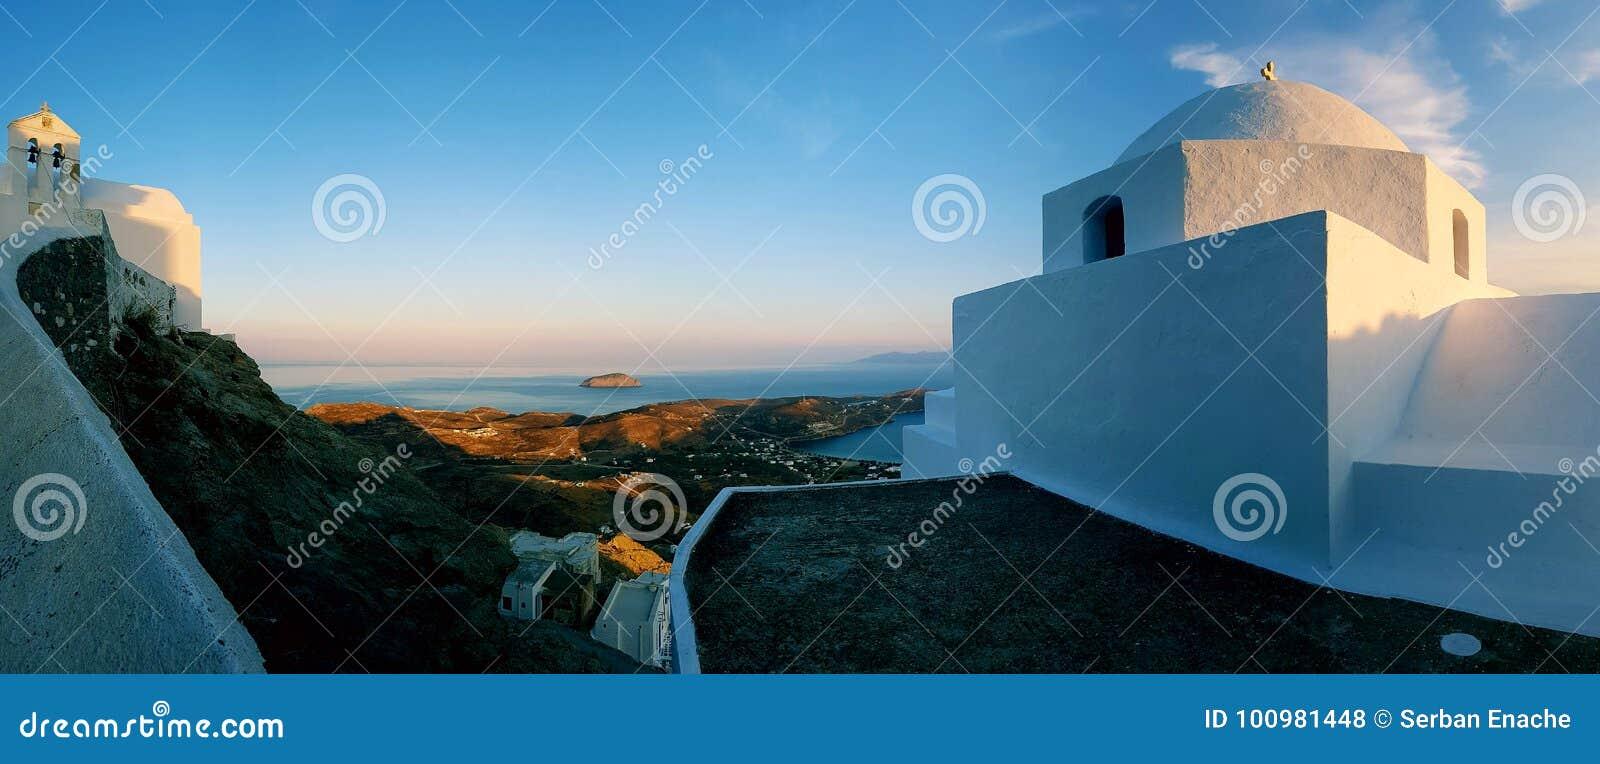 Αρχιτεκτονική των Κυκλάδων στο νησί της Σερίφου